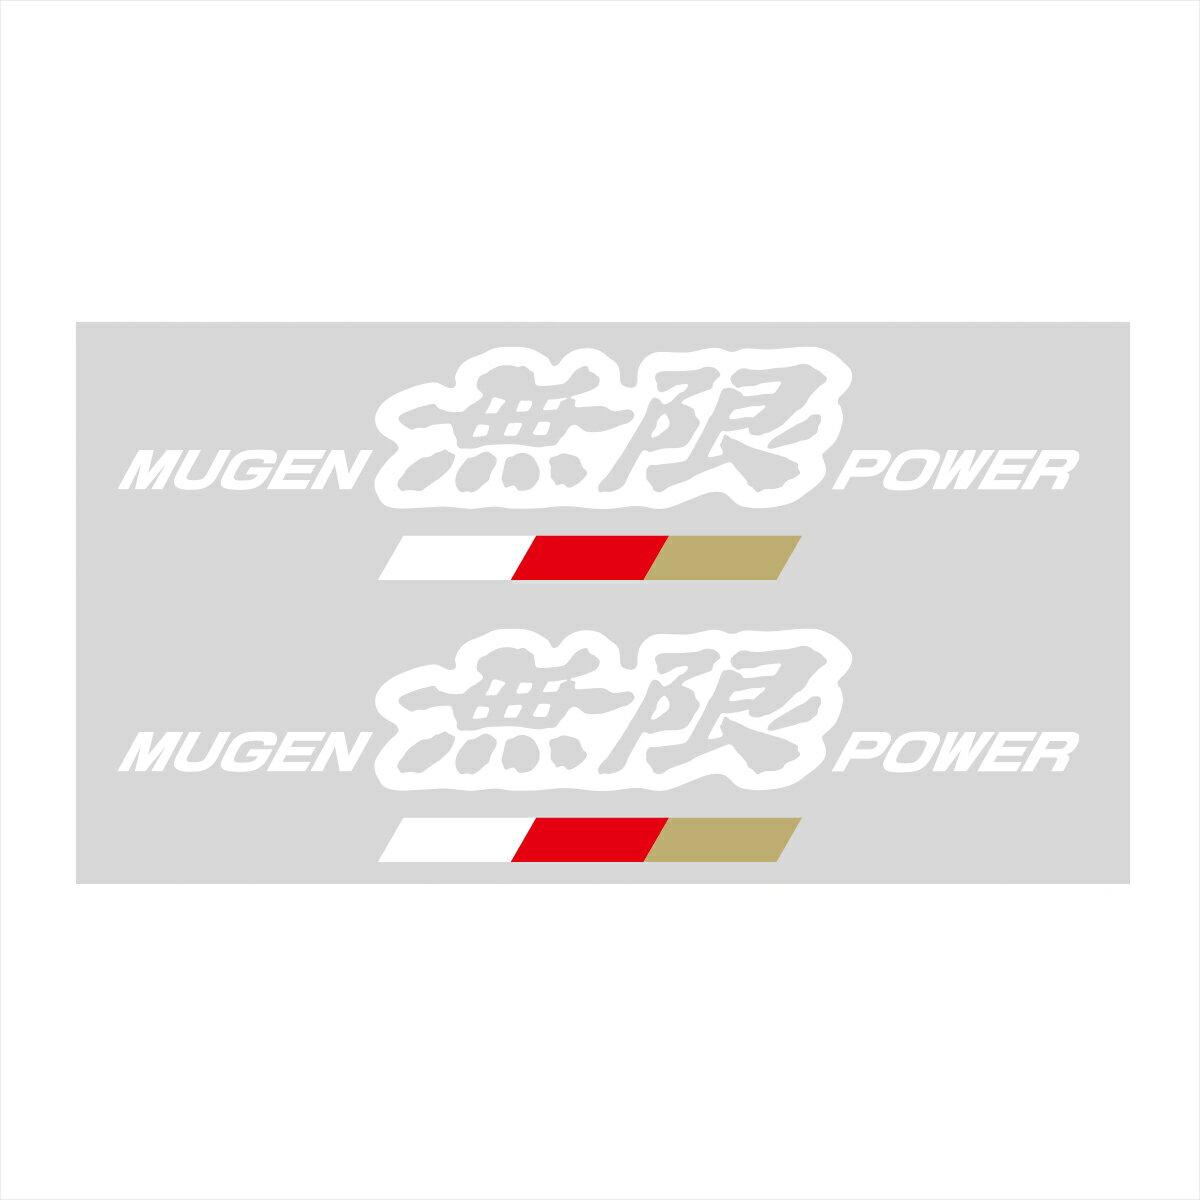 MUGEN POWER STICKER A SIZE:S